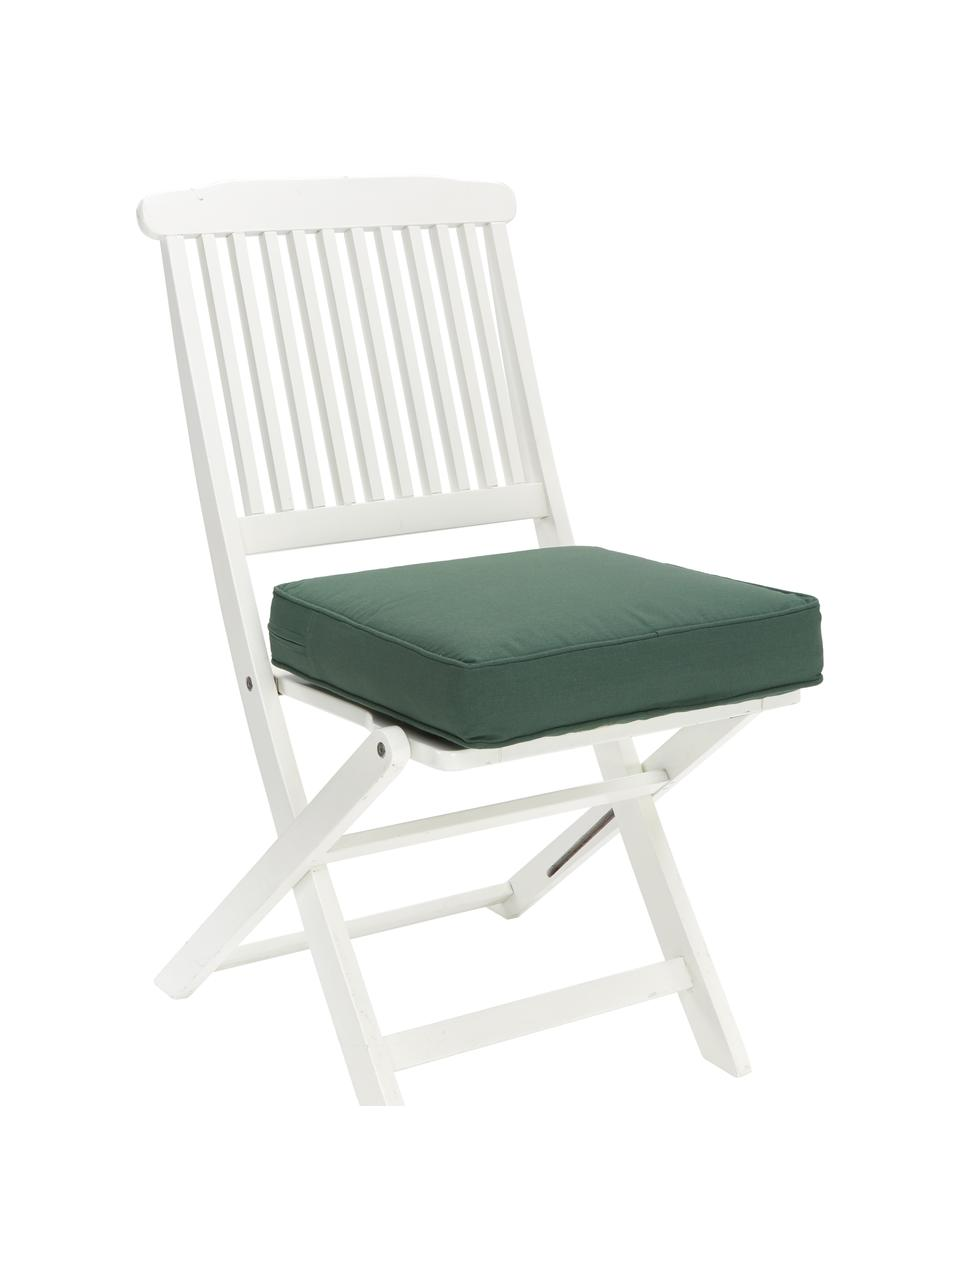 Hoog stoelkussen Zoey in donkergroen, Groen, 40 x 40 cm